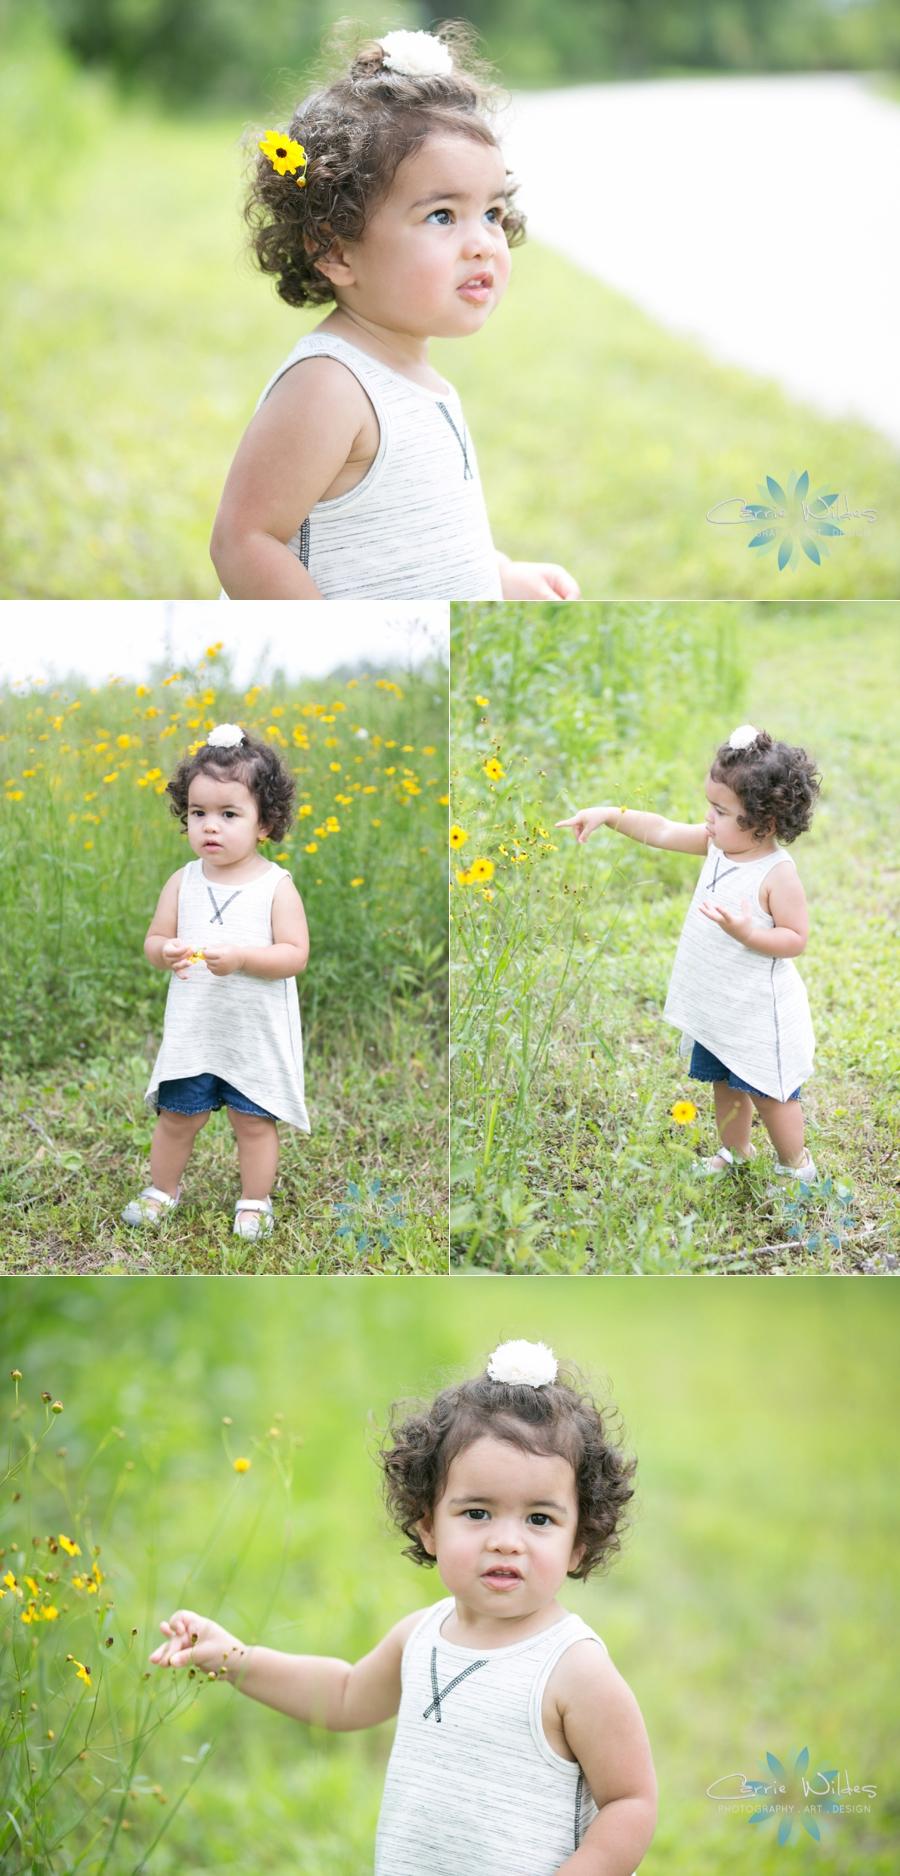 6_1_18 Vieira Family Tampa Lifestyle Portraits_0009.jpg